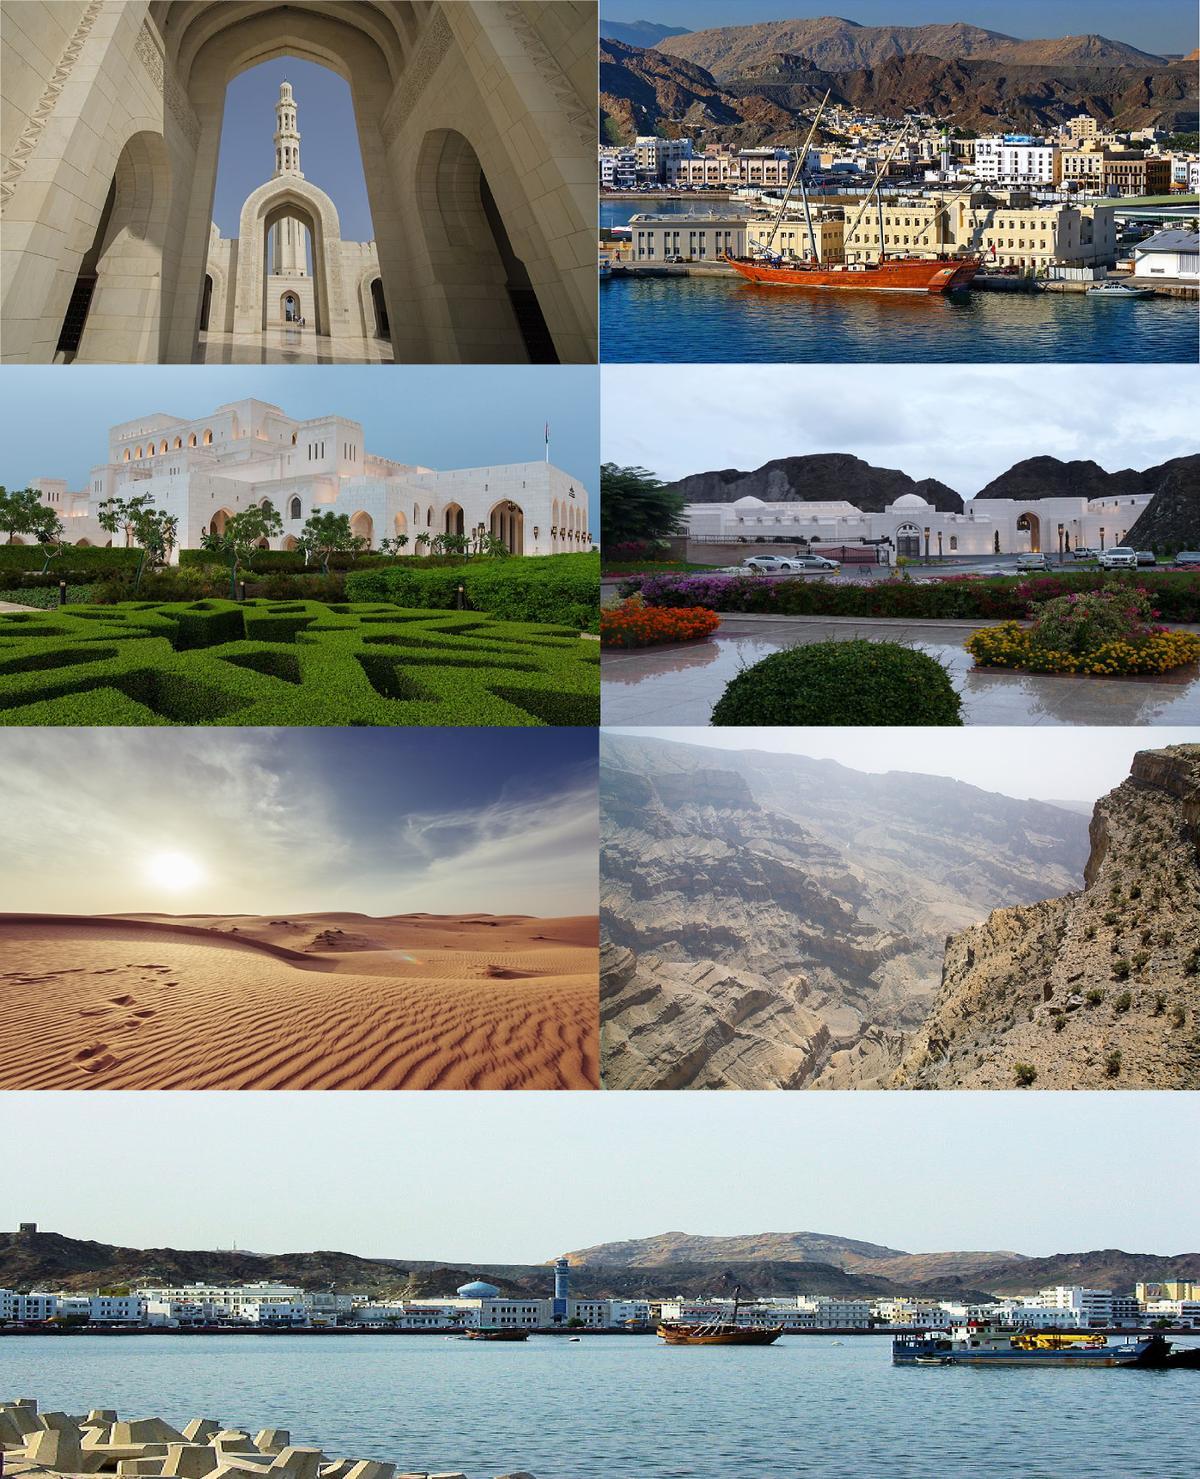 Muscat - Wikipedia